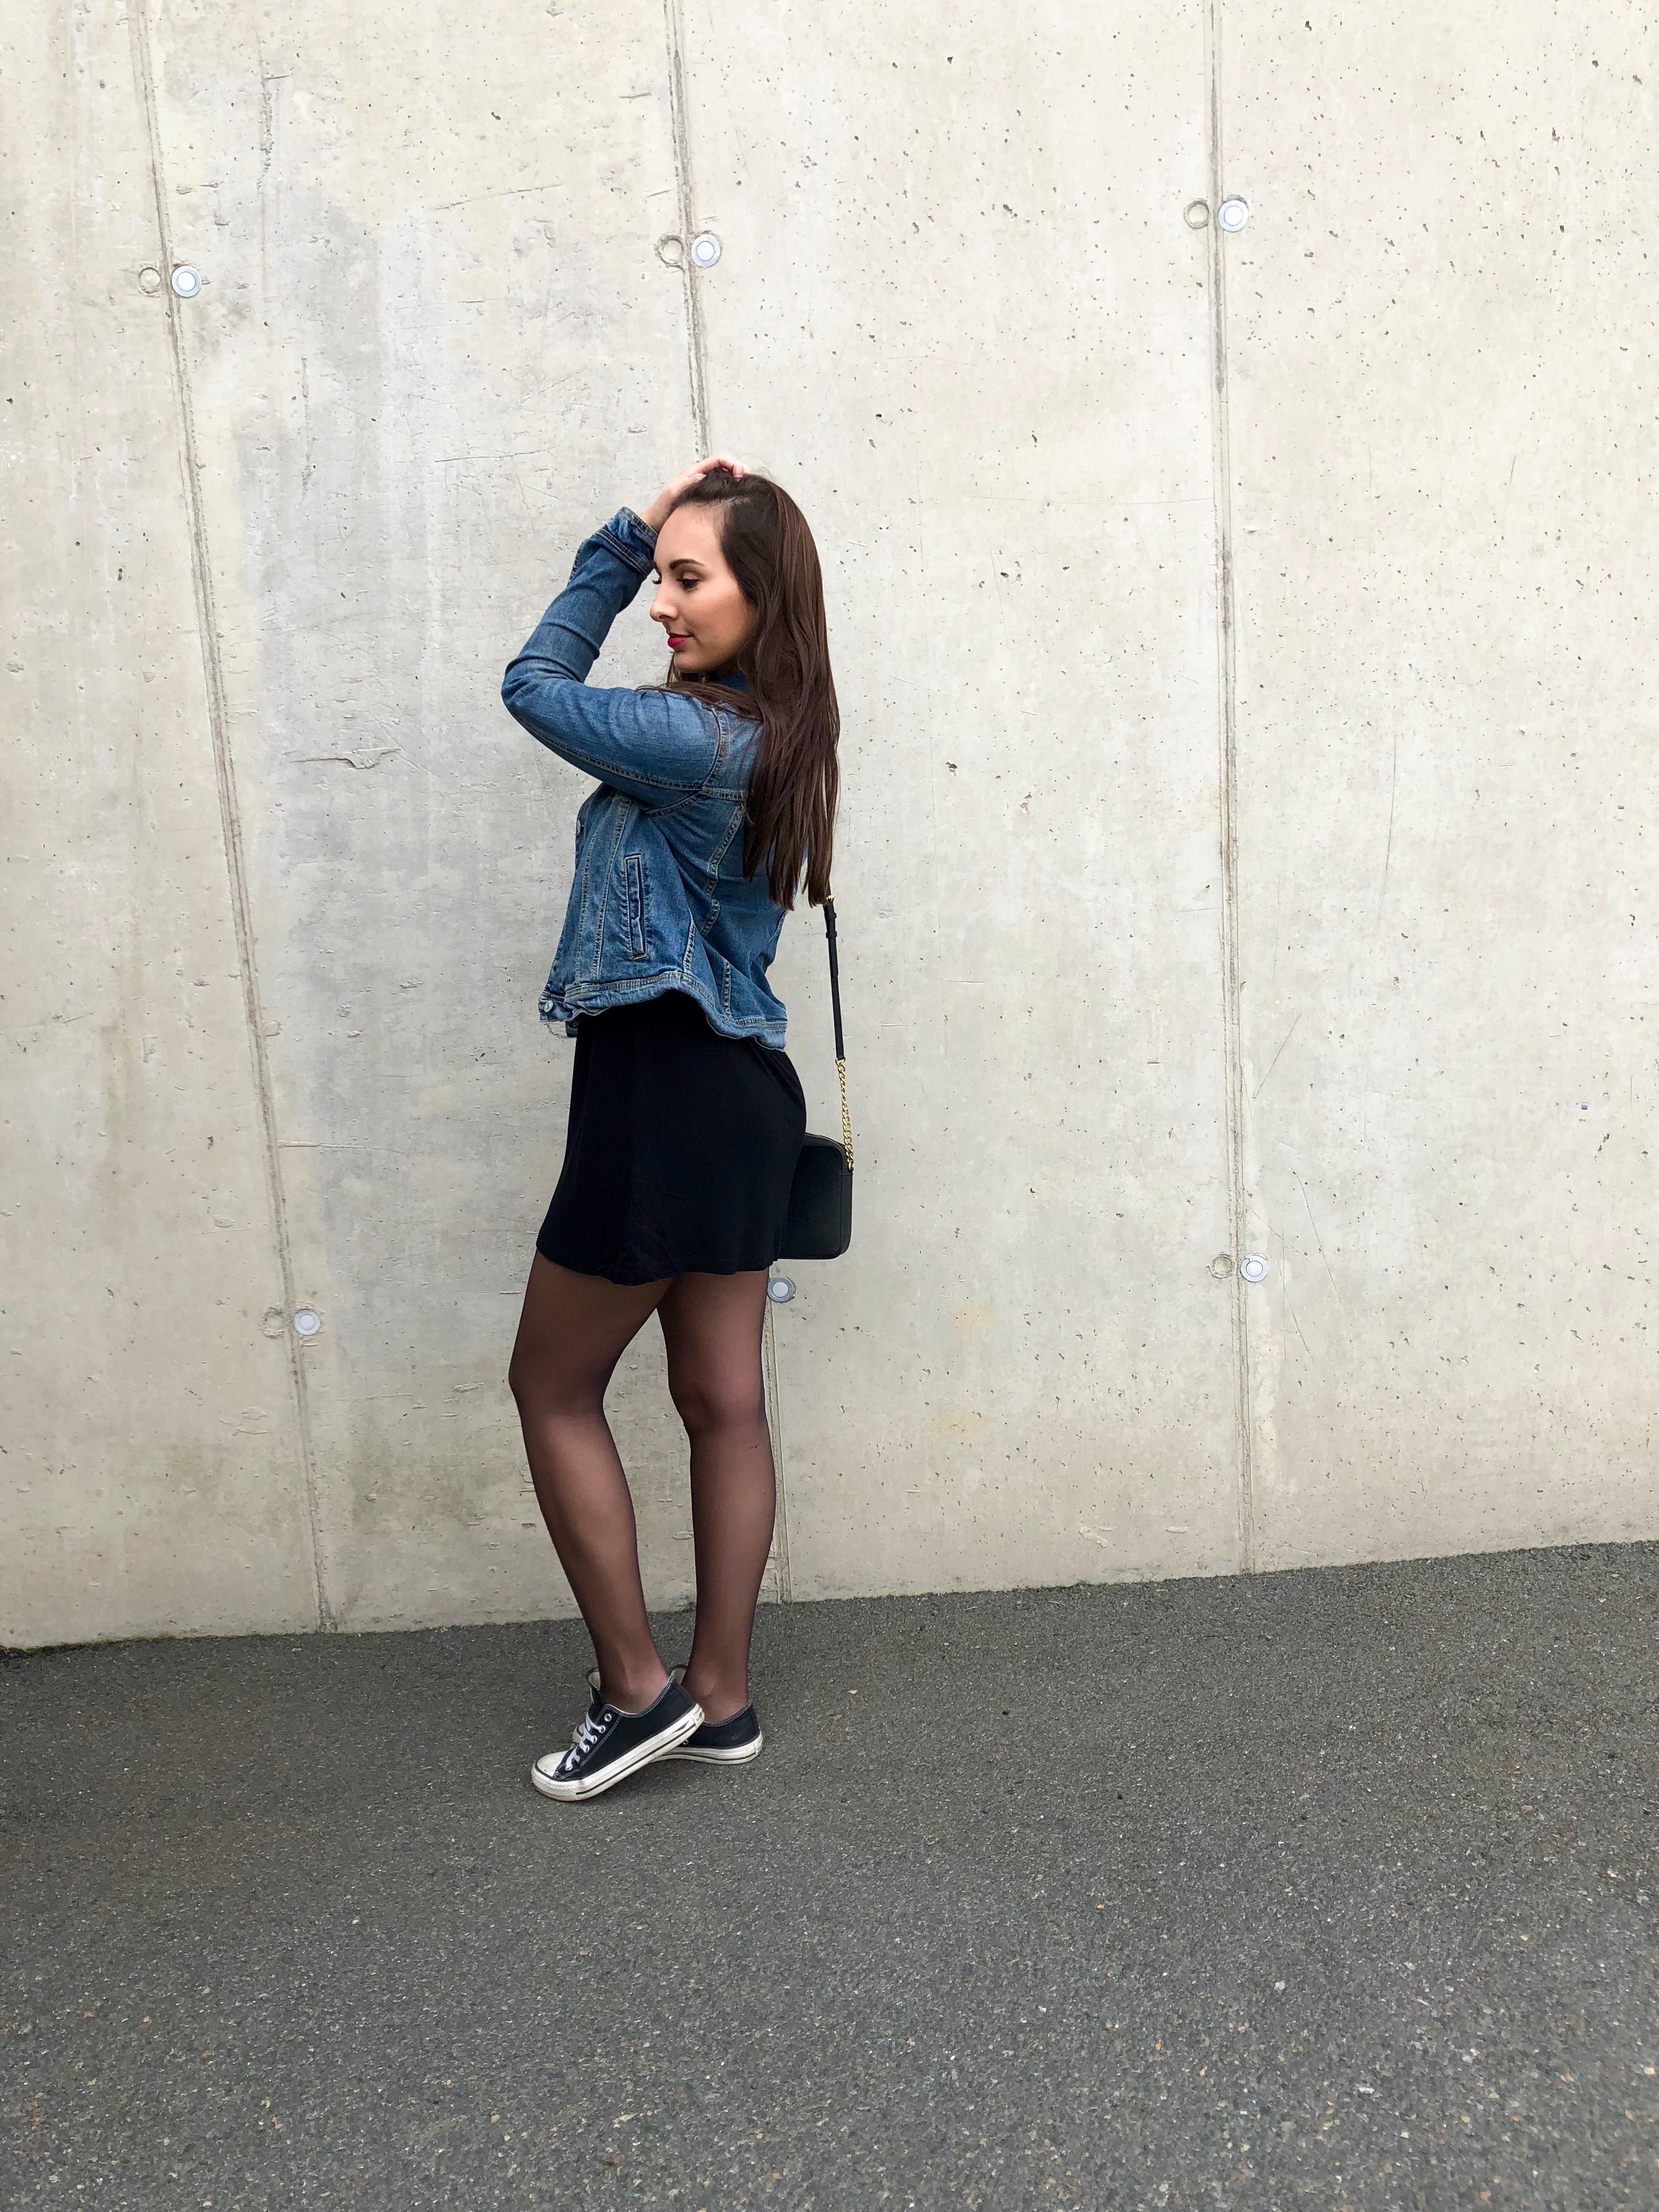 eine große Auswahl an Modellen Sonderrabatt von klar in Sicht Ein Kleid für den Alltag – der Grazer – achtnull